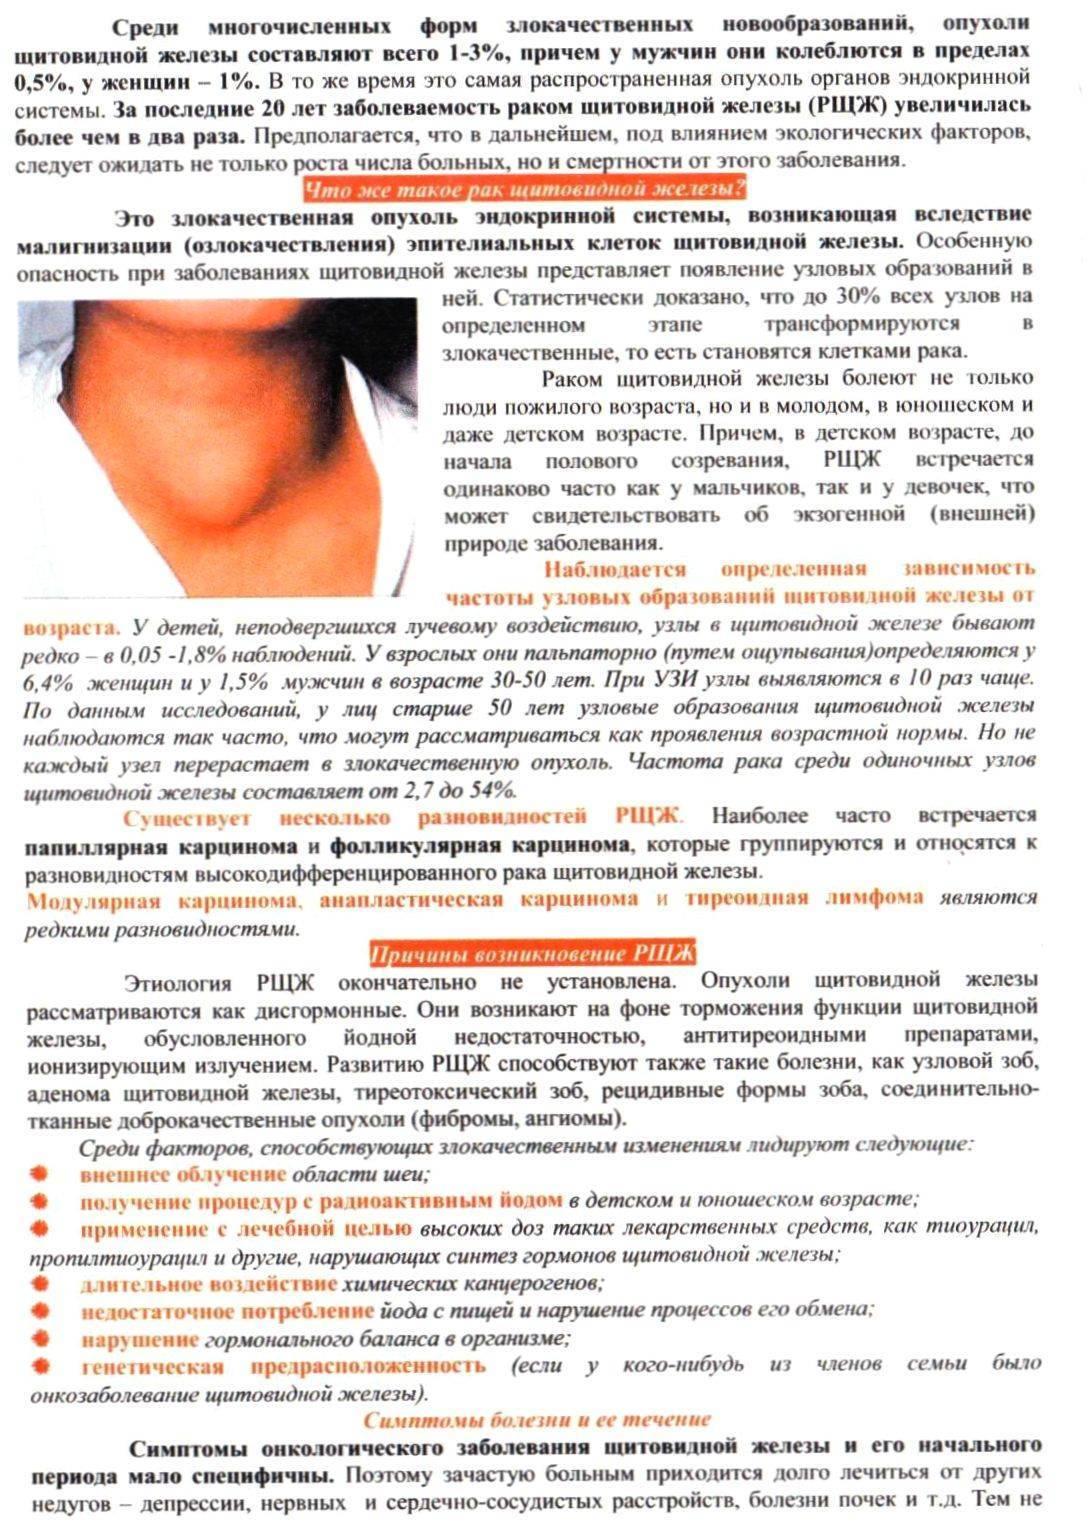 Как оформить инвалидность при заболеваниях щитовидной железы в г.олонец